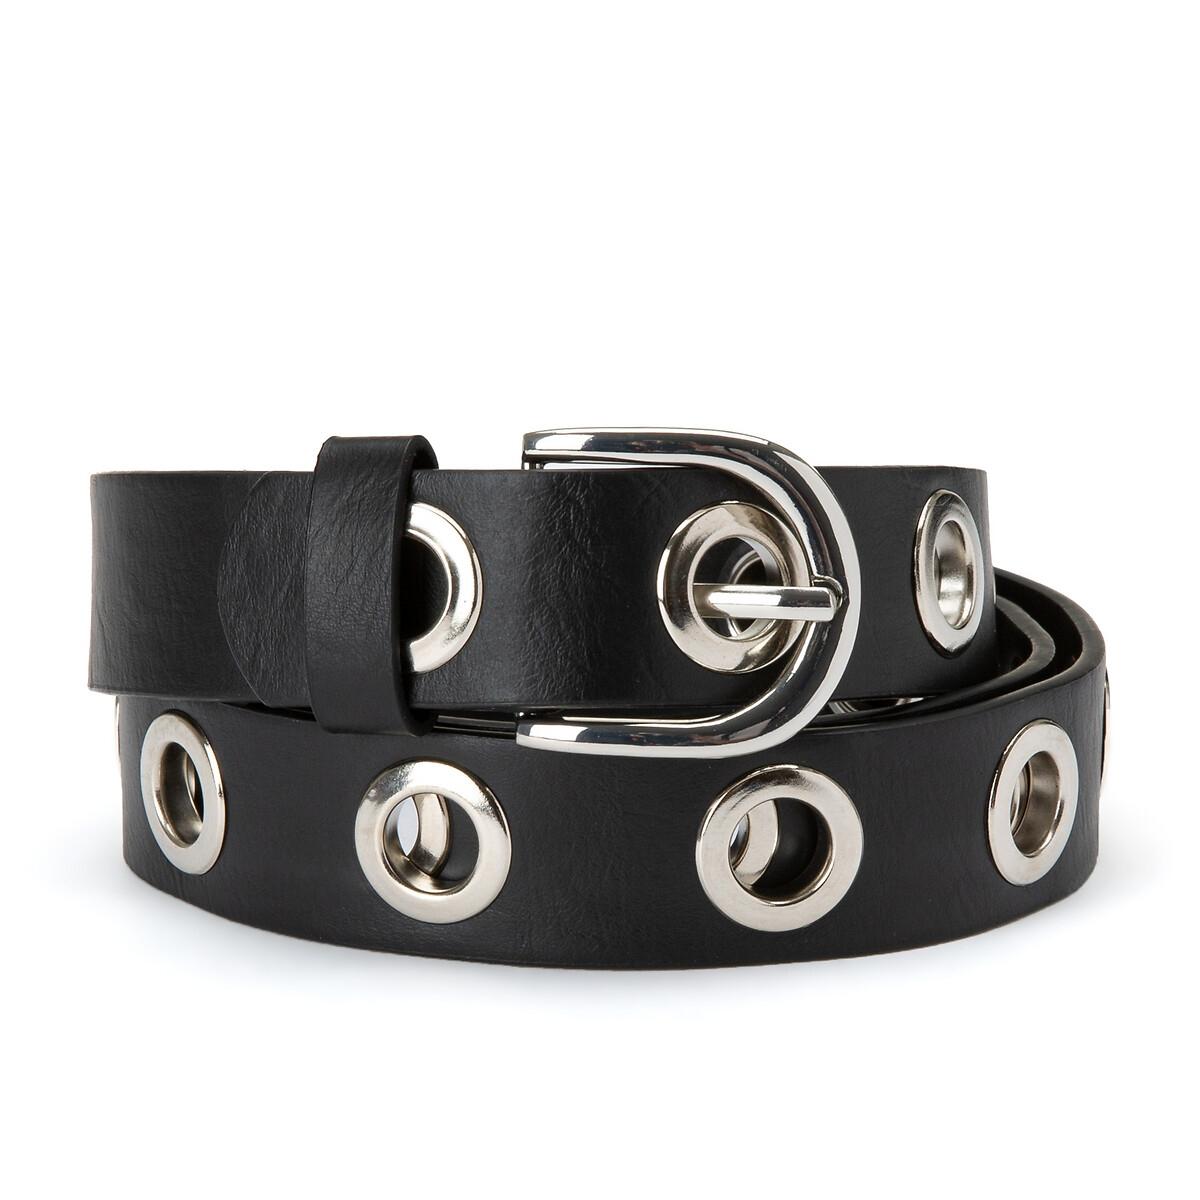 Cinturón con ojales